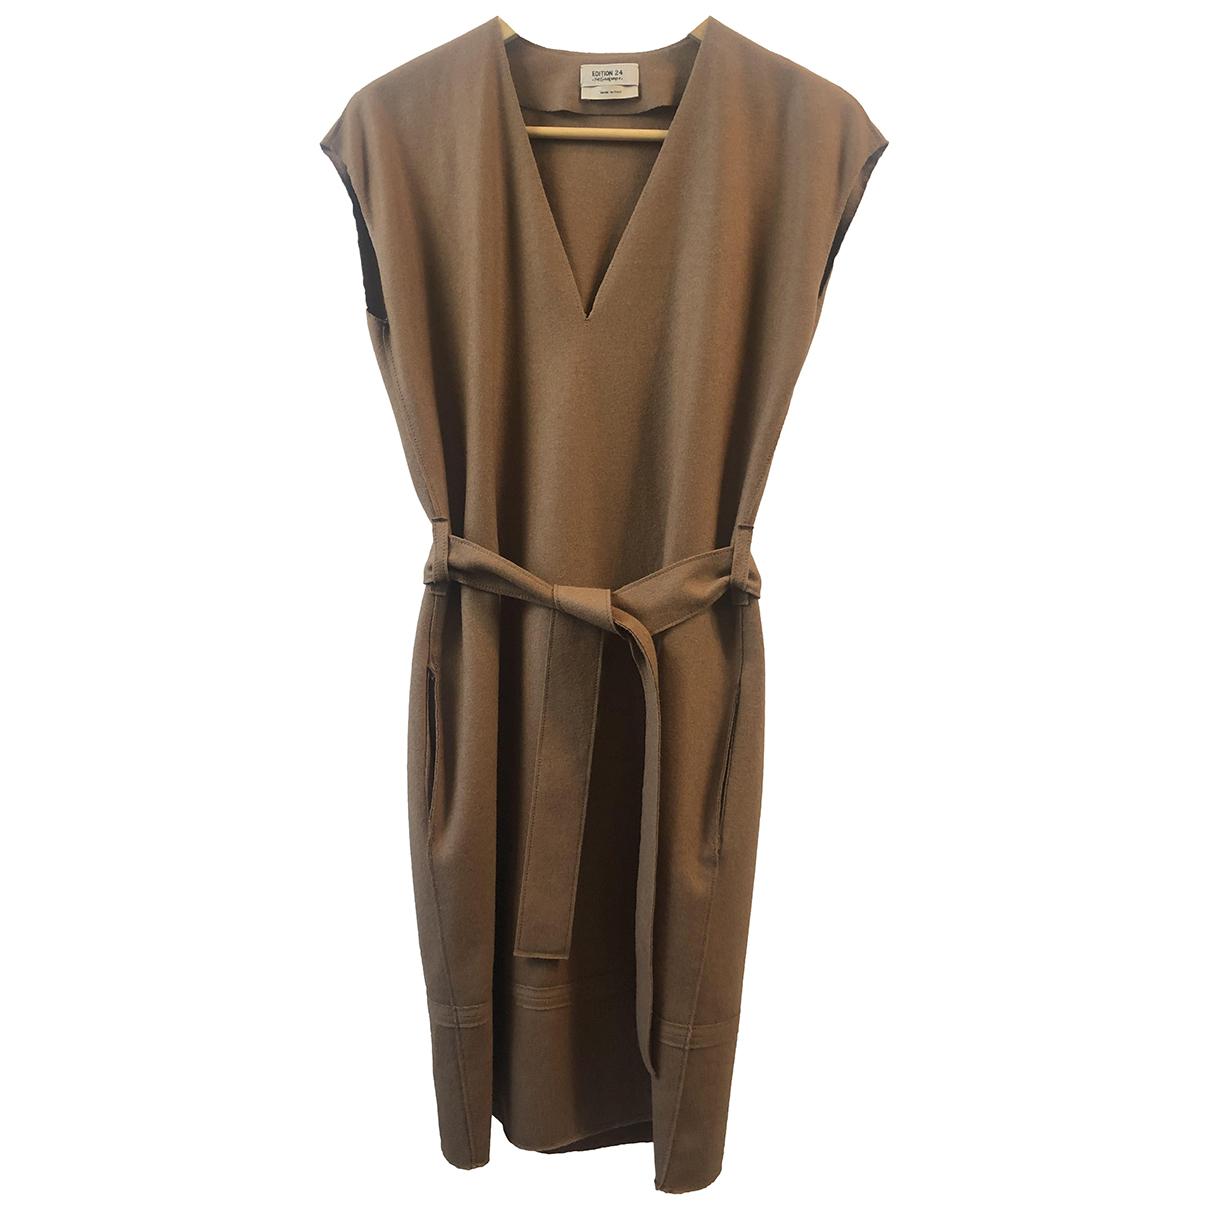 Yves Saint Laurent \N Brown Wool dress for Women 36 IT